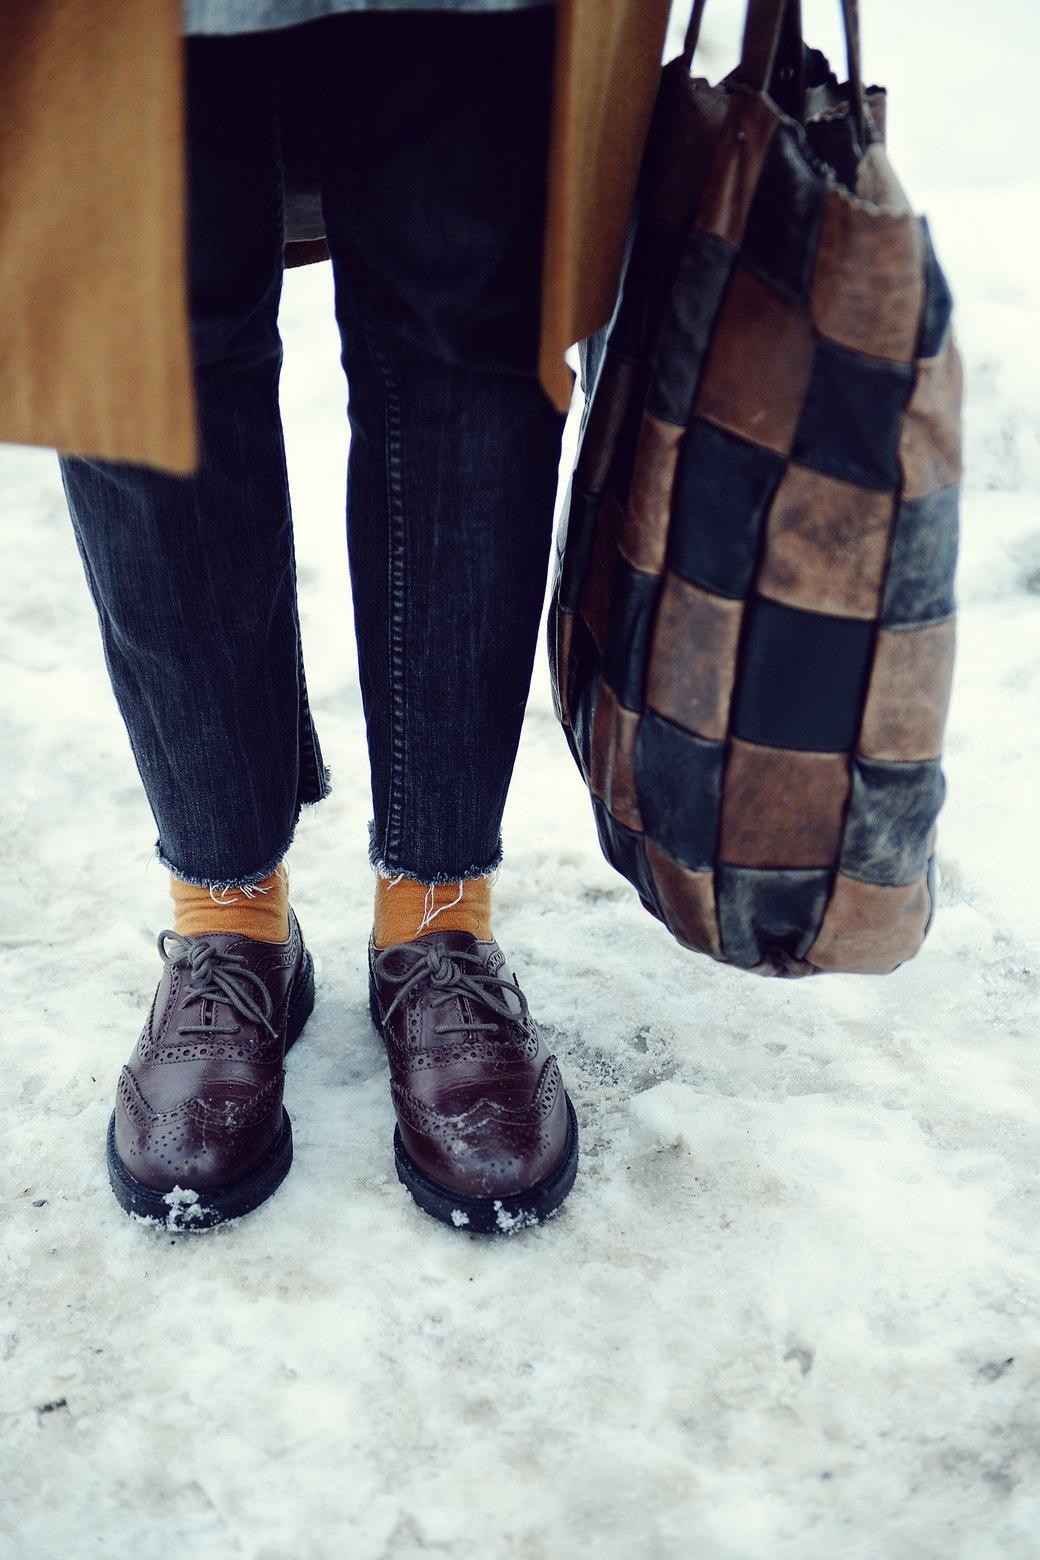 Шубы и горох на Stockholm Fashion Week. Изображение № 10.